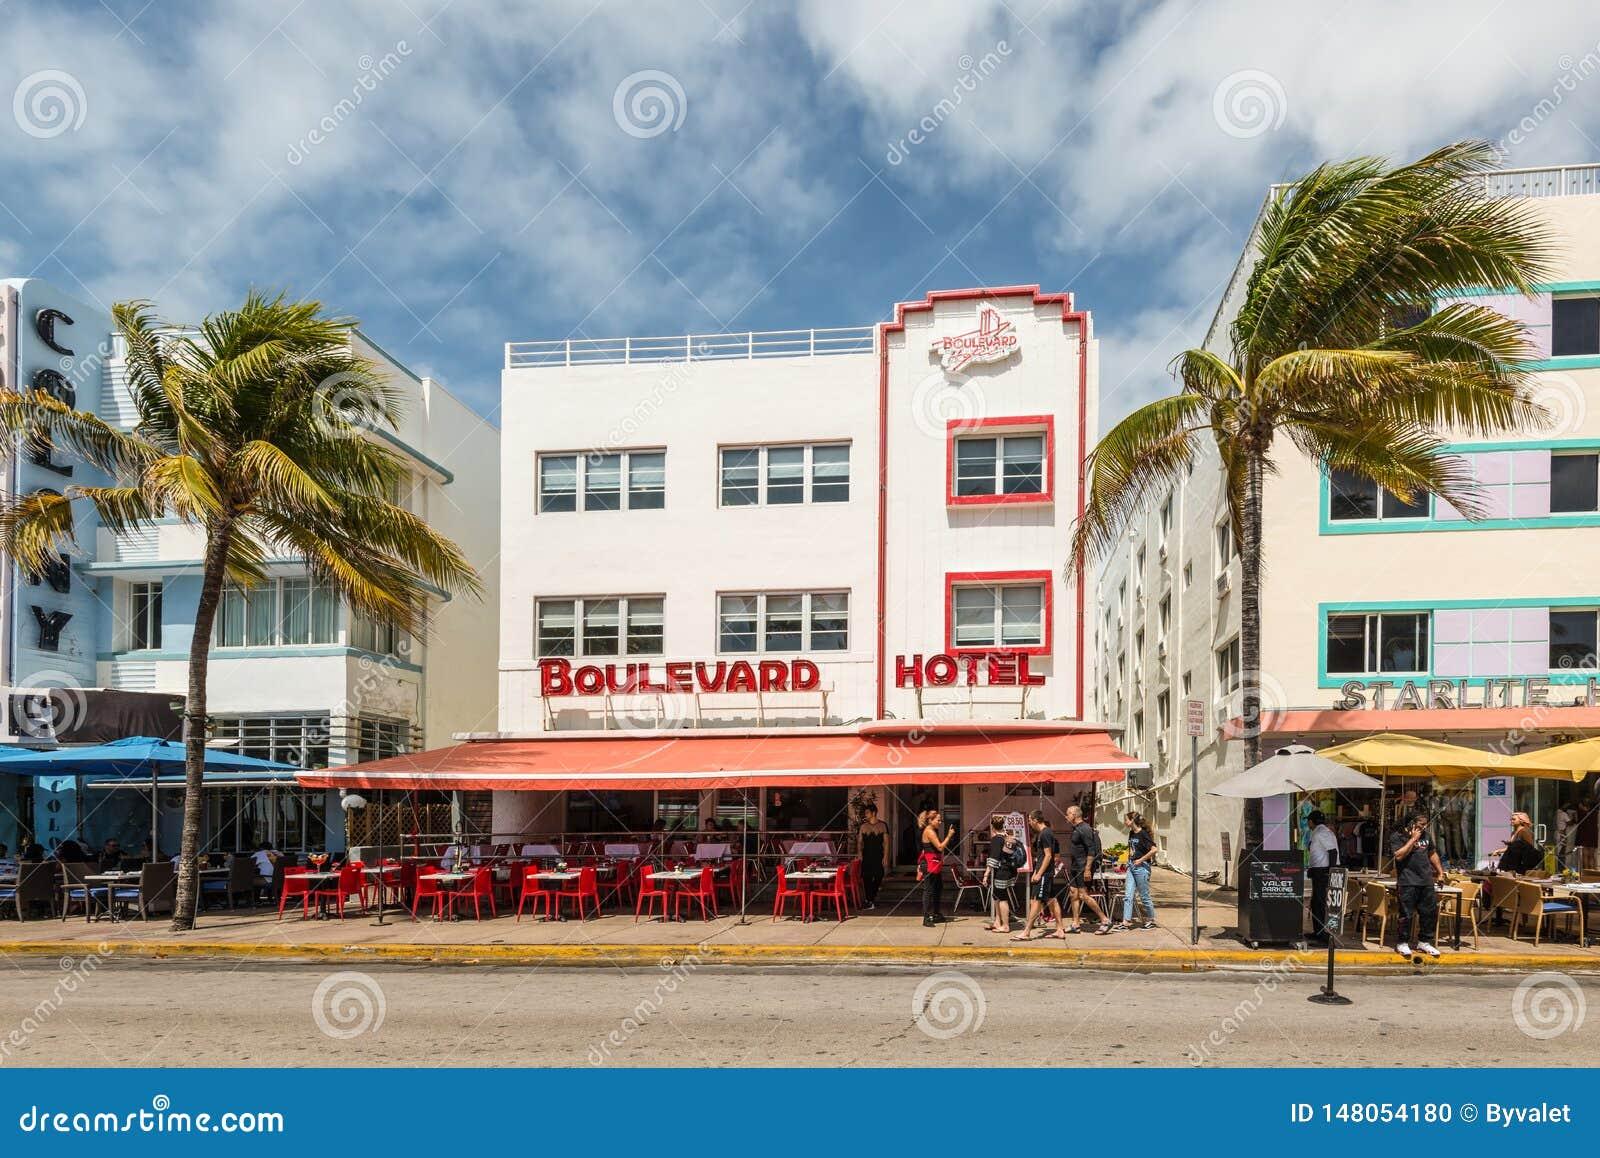 Deco Etats Unis Chambre art deco historic district dans miami beach : plage du sud